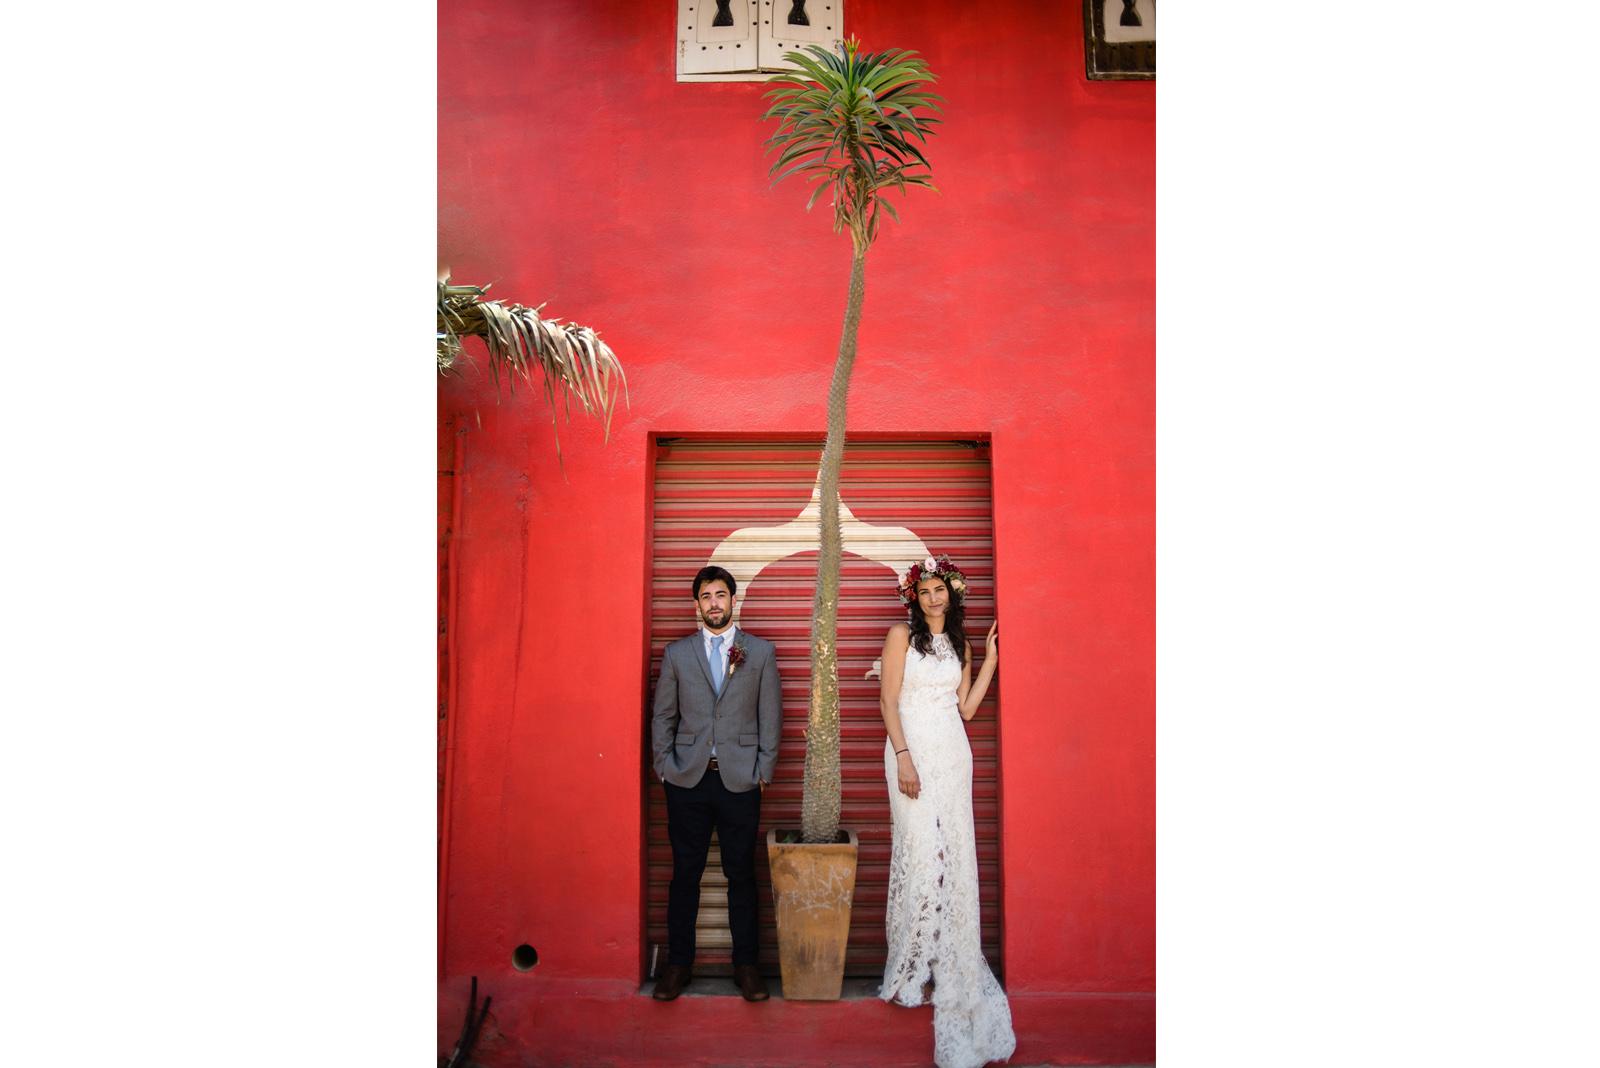 Villa-amor-sayulita-destination-wedding-mexico-017a